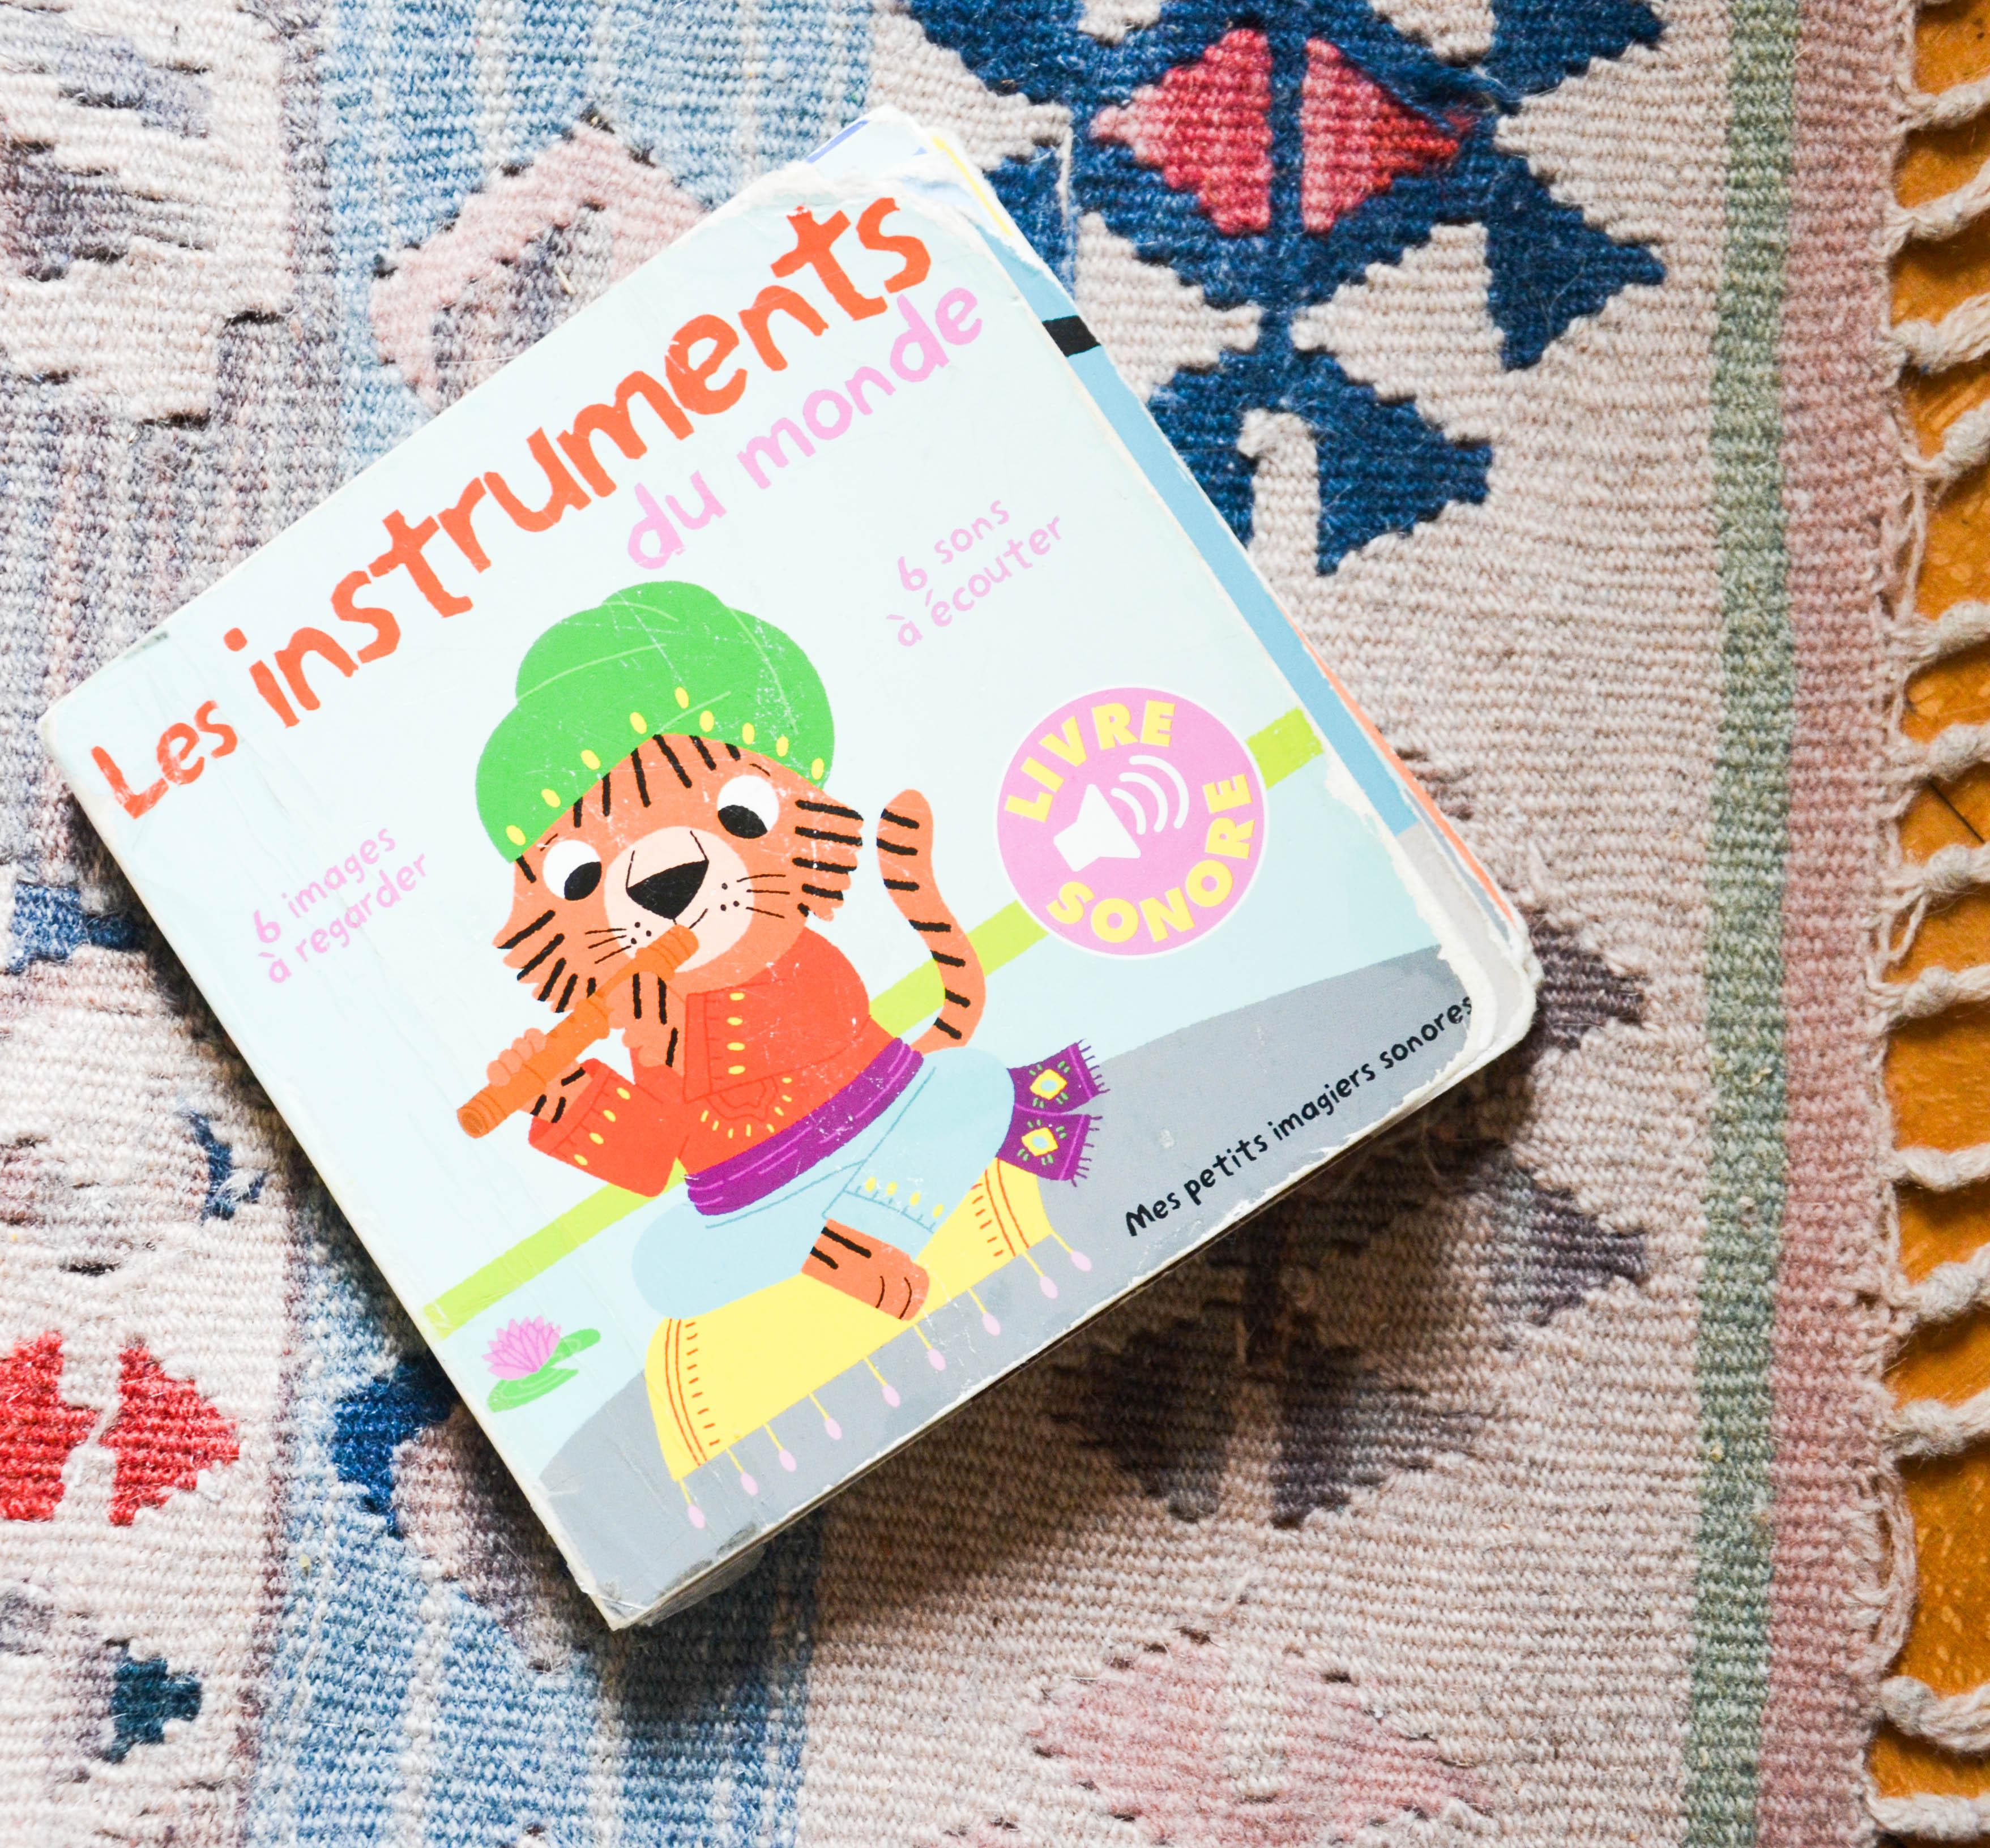 Kinderbuch aus Frankreich